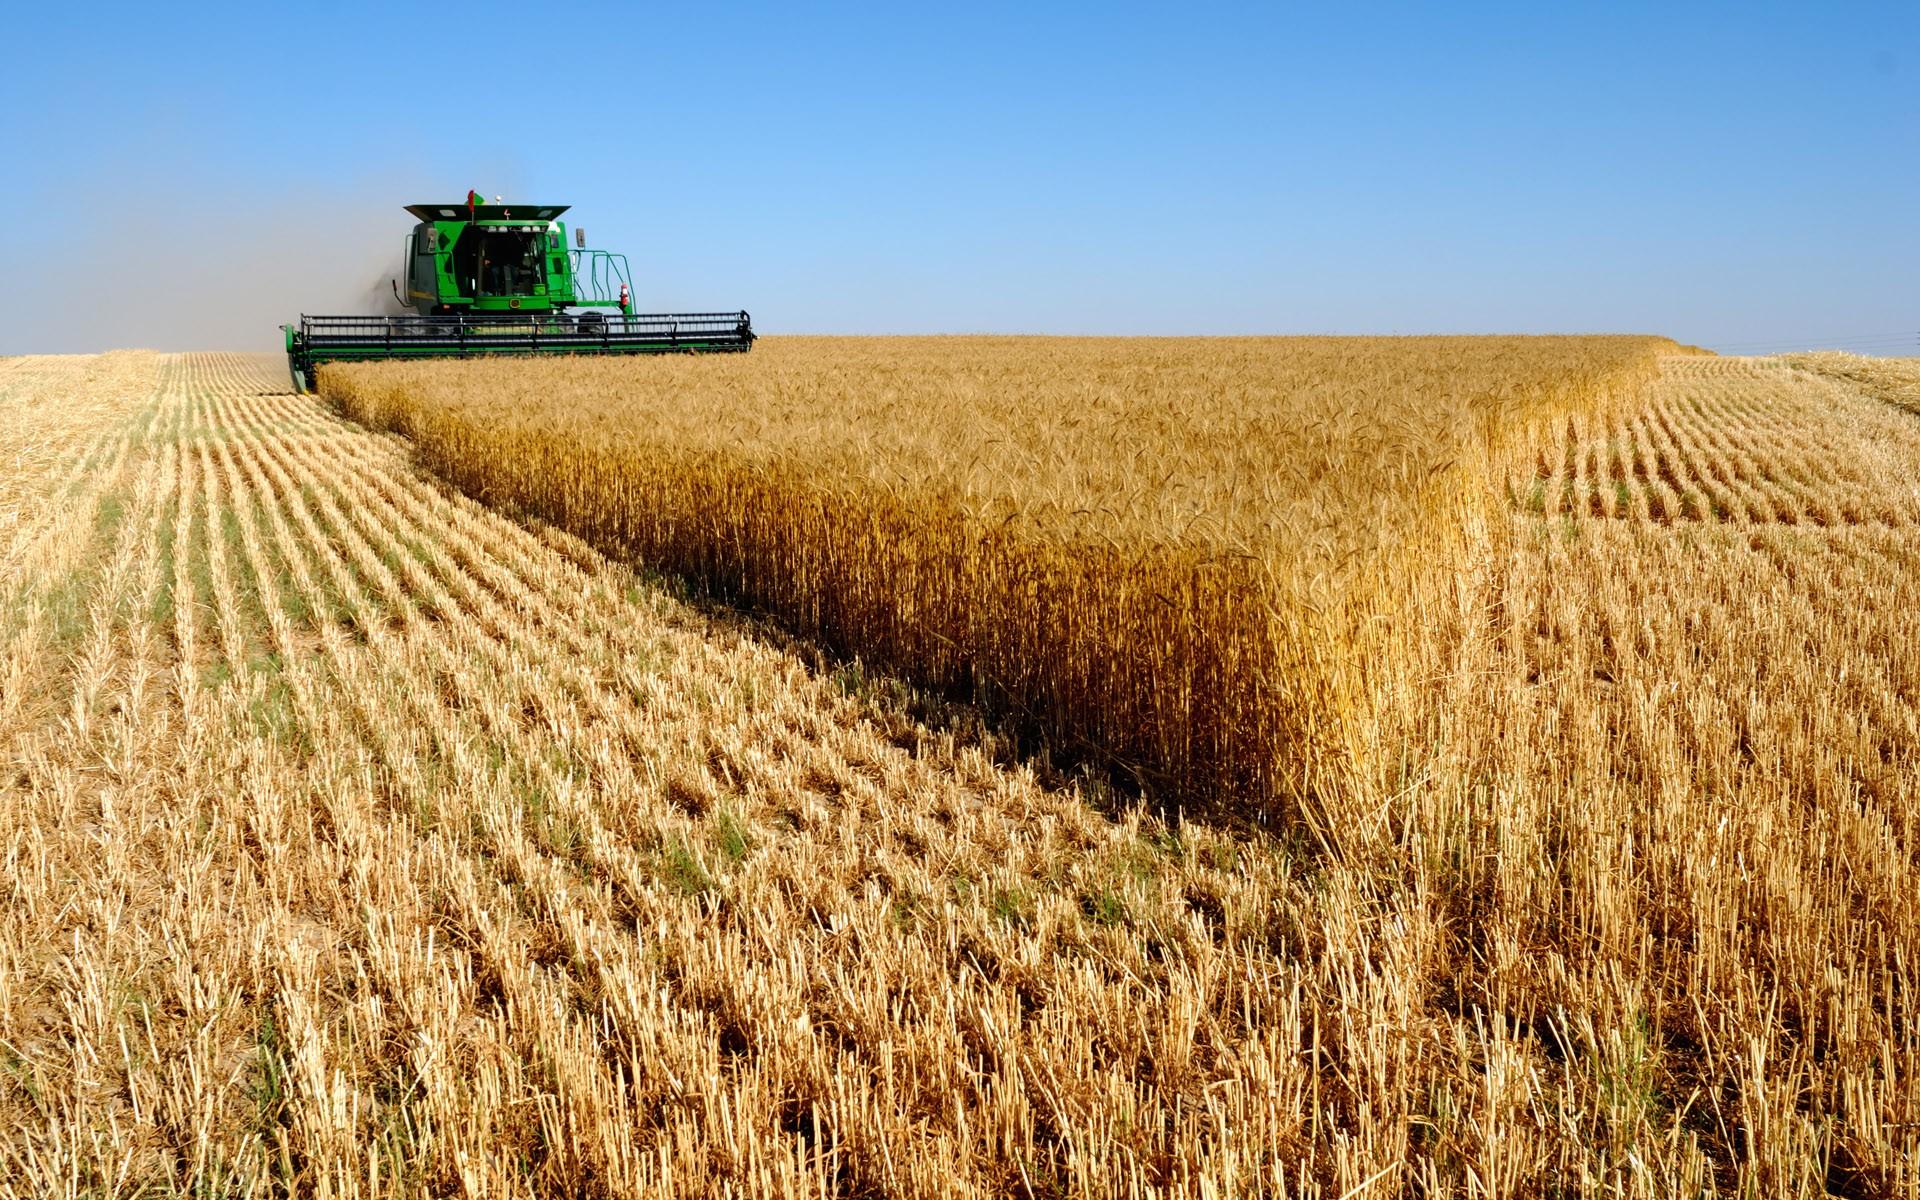 green-combine-harvester